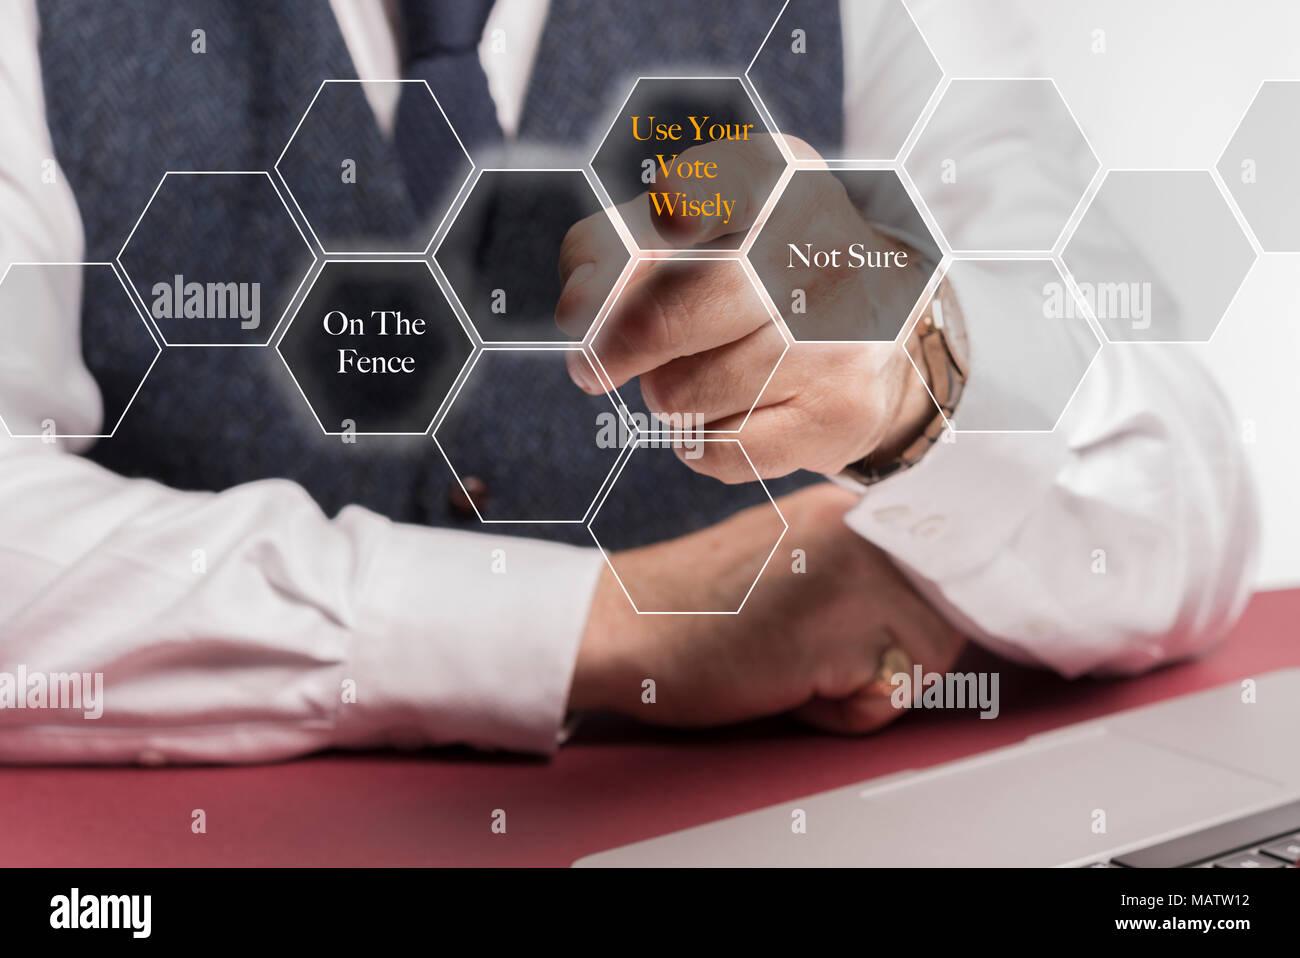 Business man sitting at desk poussant les boutons virtuels sur un écran disant utiliser sagement votre vote sur la barrière et pas sûr Photo Stock